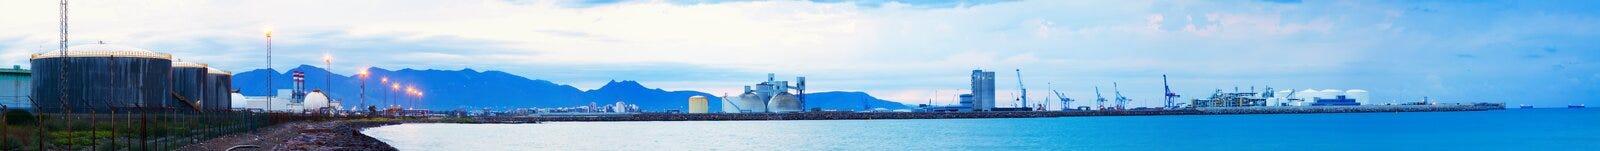 Индустриальная зона на среднеземноморском побережье Стоковая Фотография